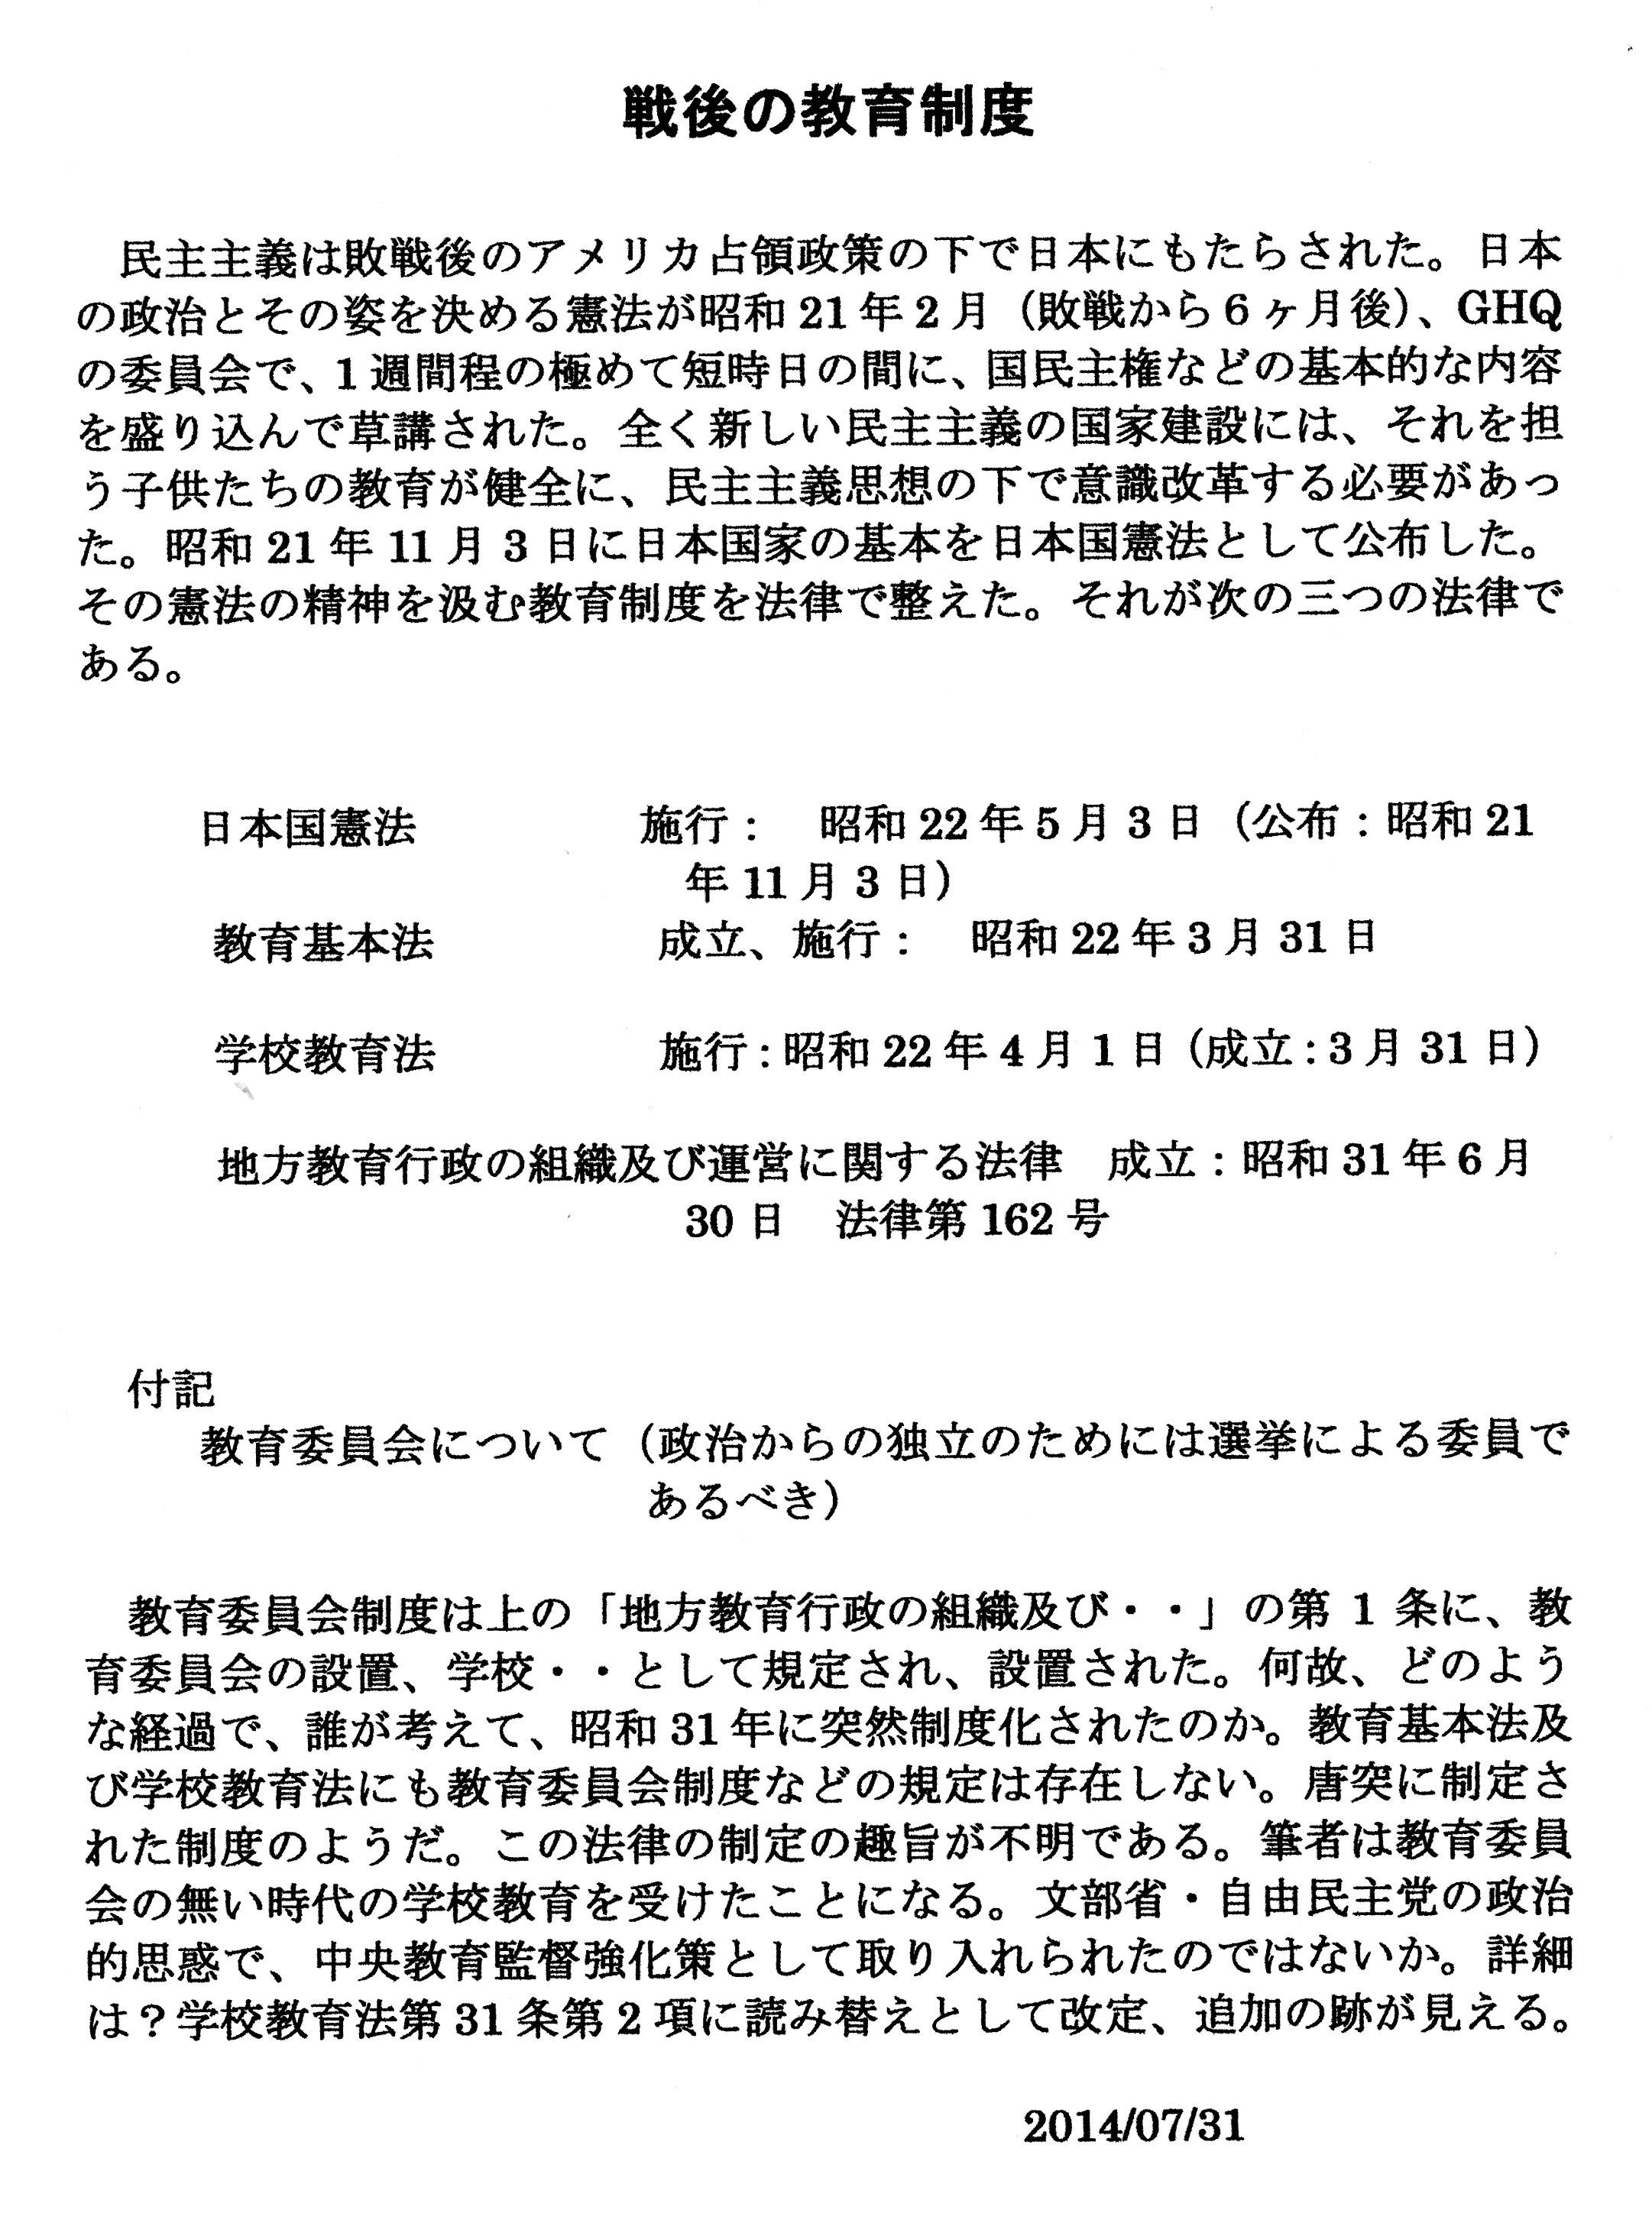 政治介入・強権支配による教育委縮・崩壊 | Yoshihiraのスペース